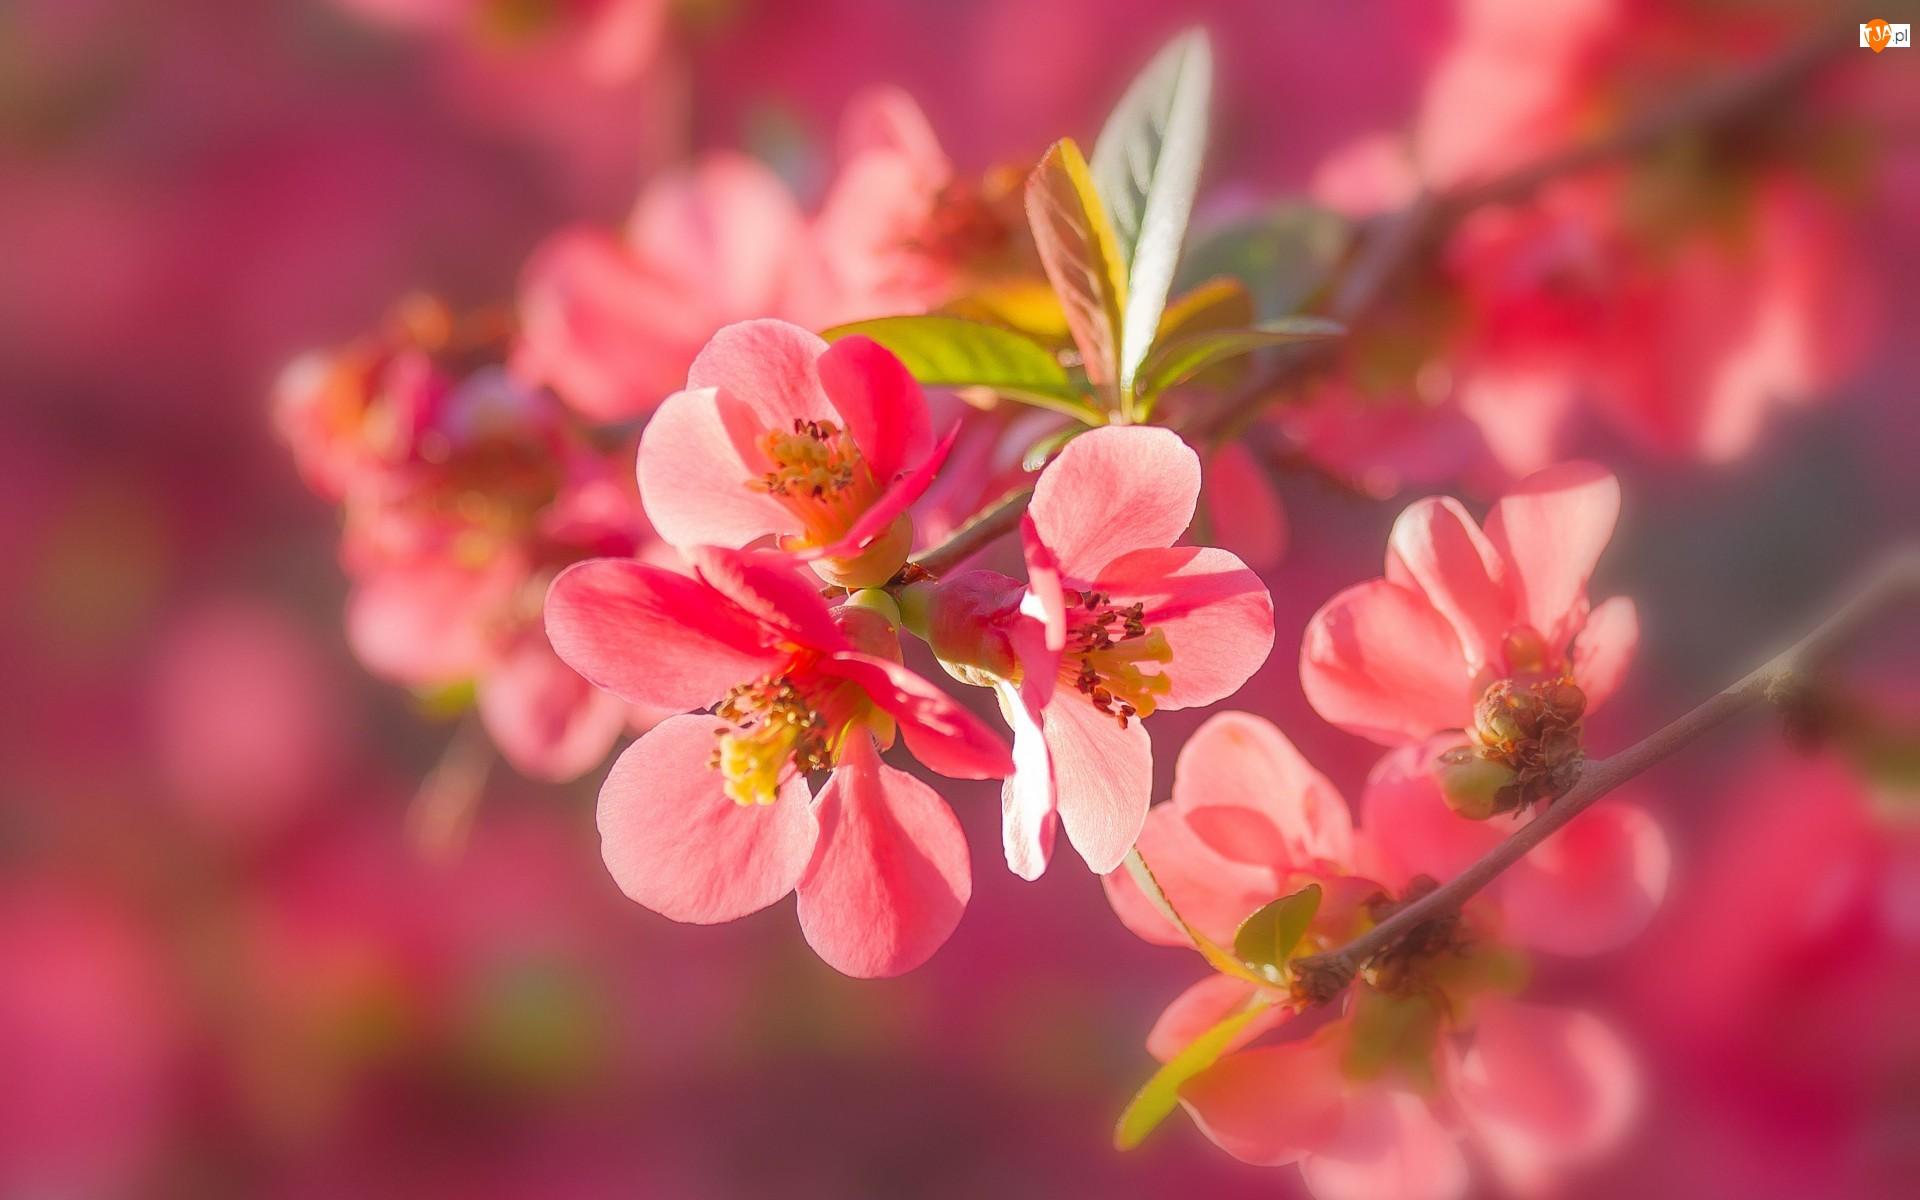 Pigwa, Gałązka, Kwiaty